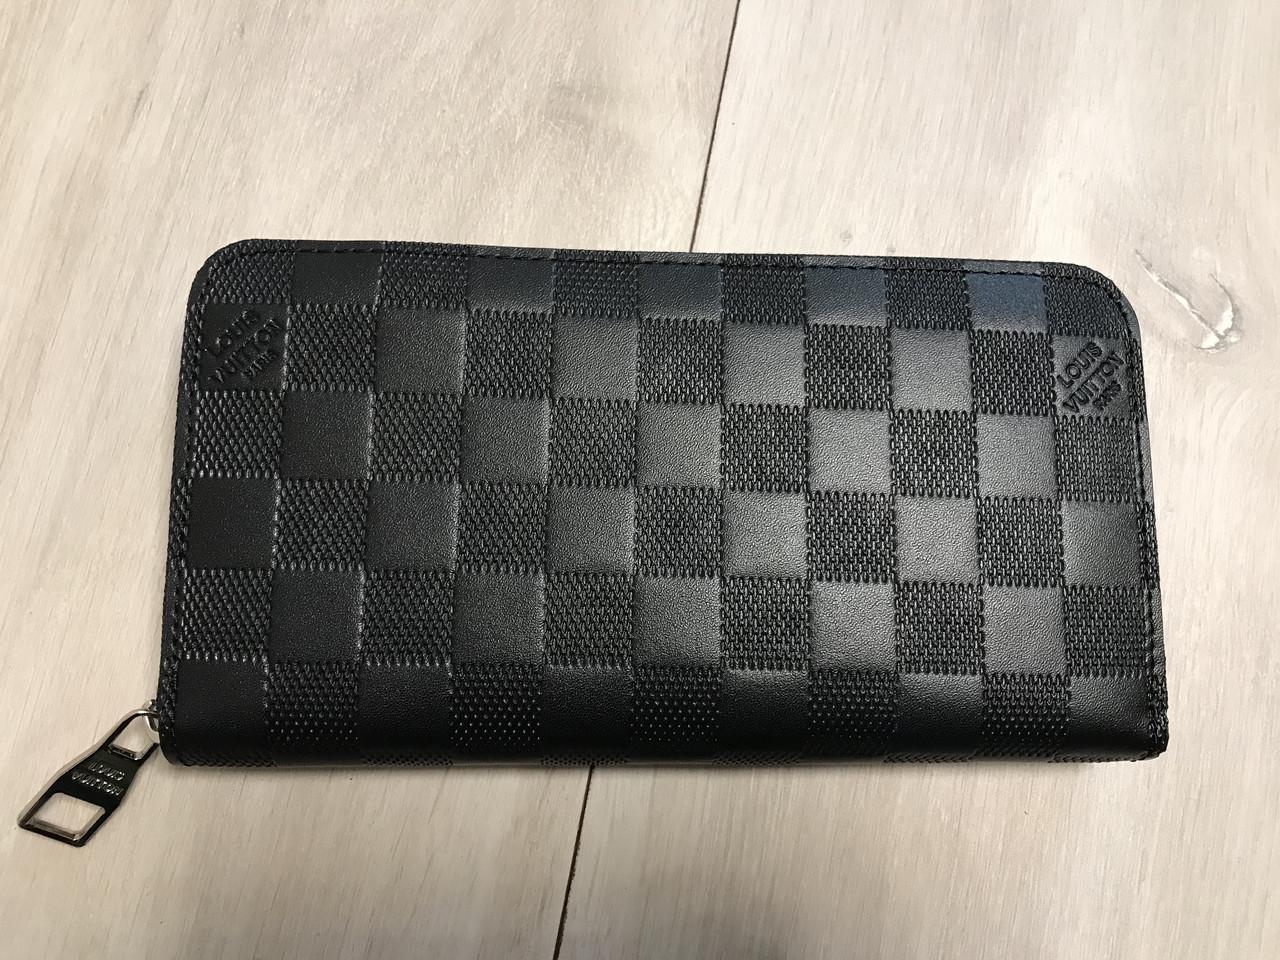 Кошелек Louis Vuitton Zippy Damier Infini 19 см - 7А, цена 2 650 грн ... 73ae69299b4